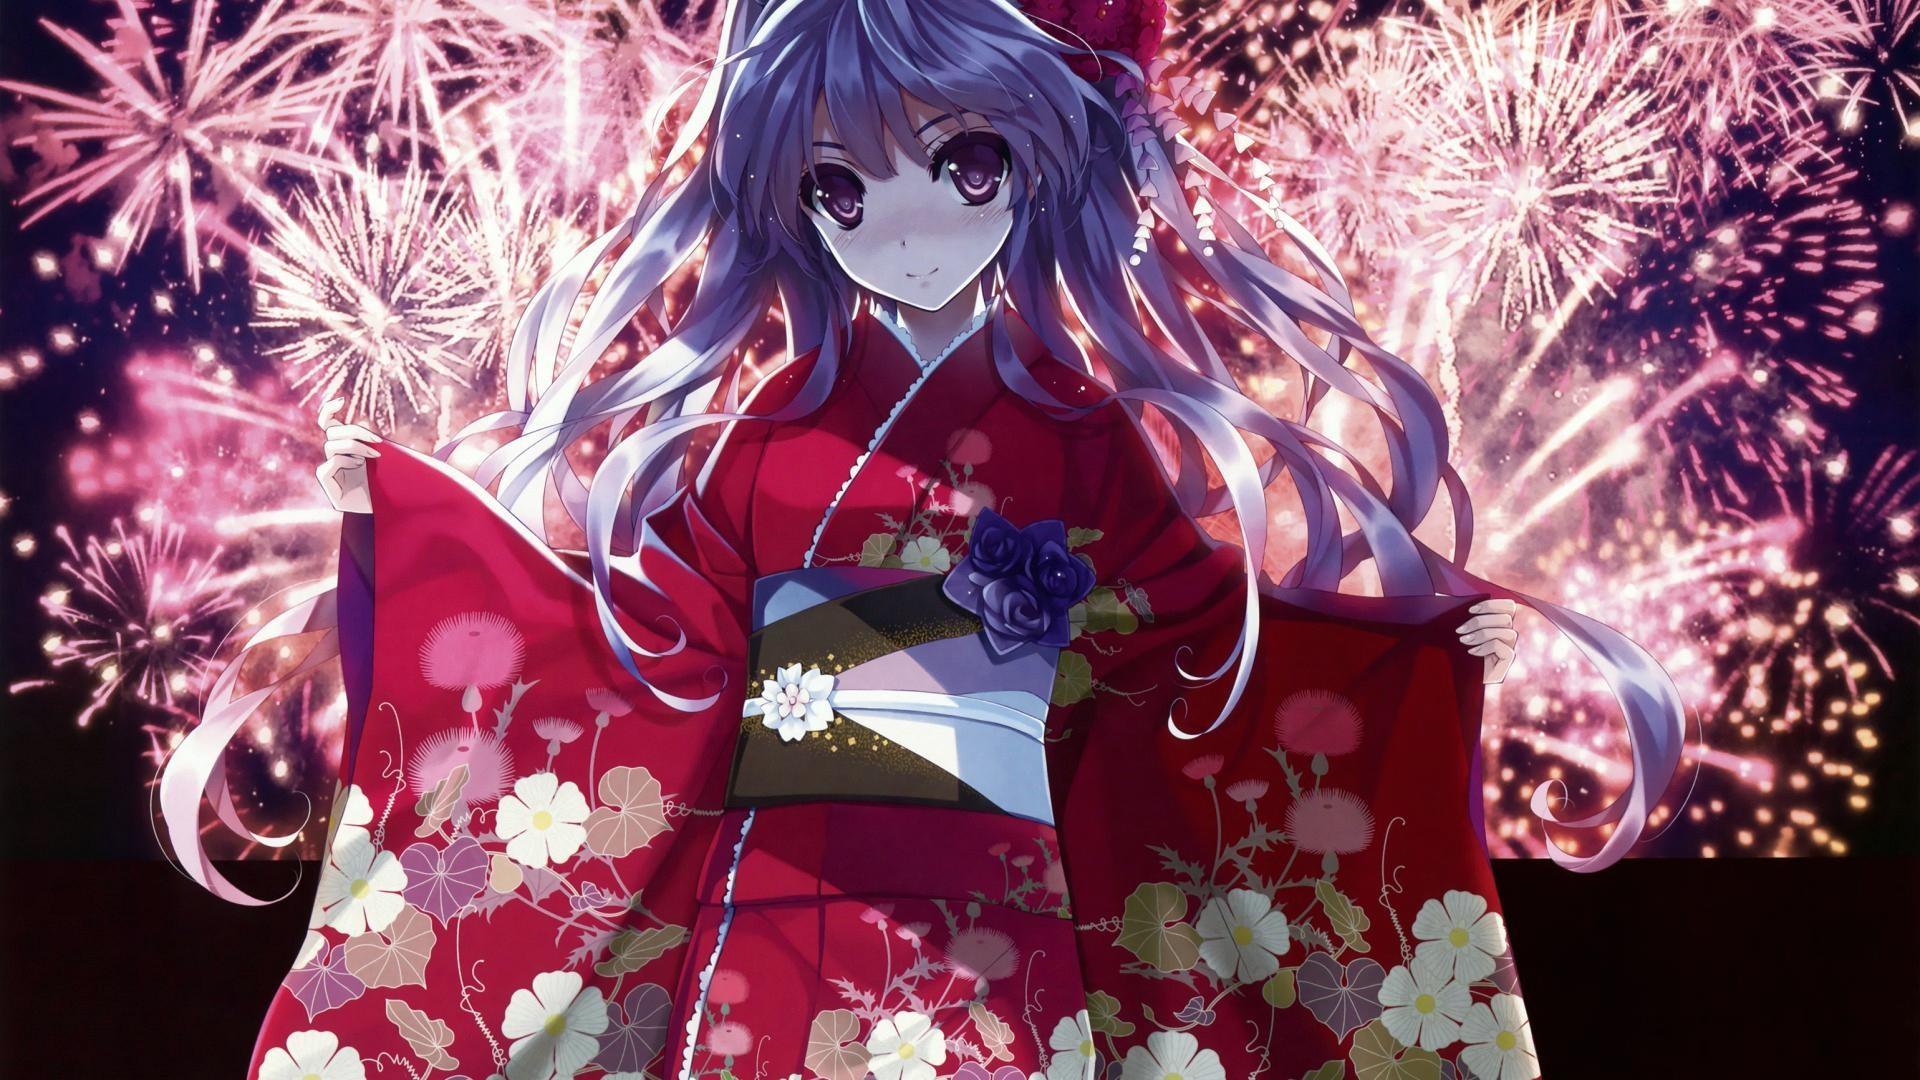 Wallpaper cute girl anime